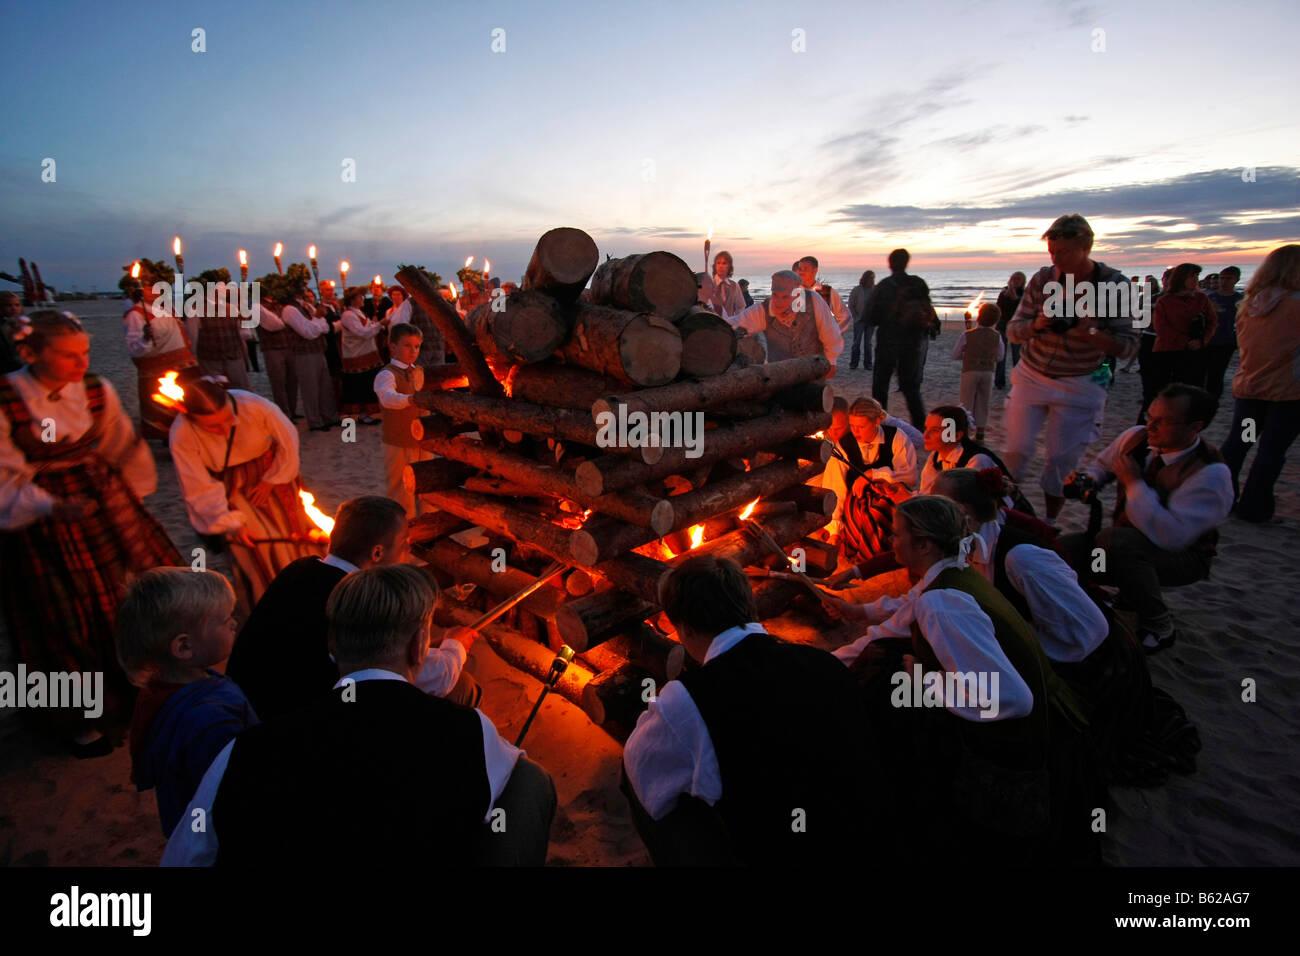 The festival in Jurmala is in full swing 29.07.2009 83